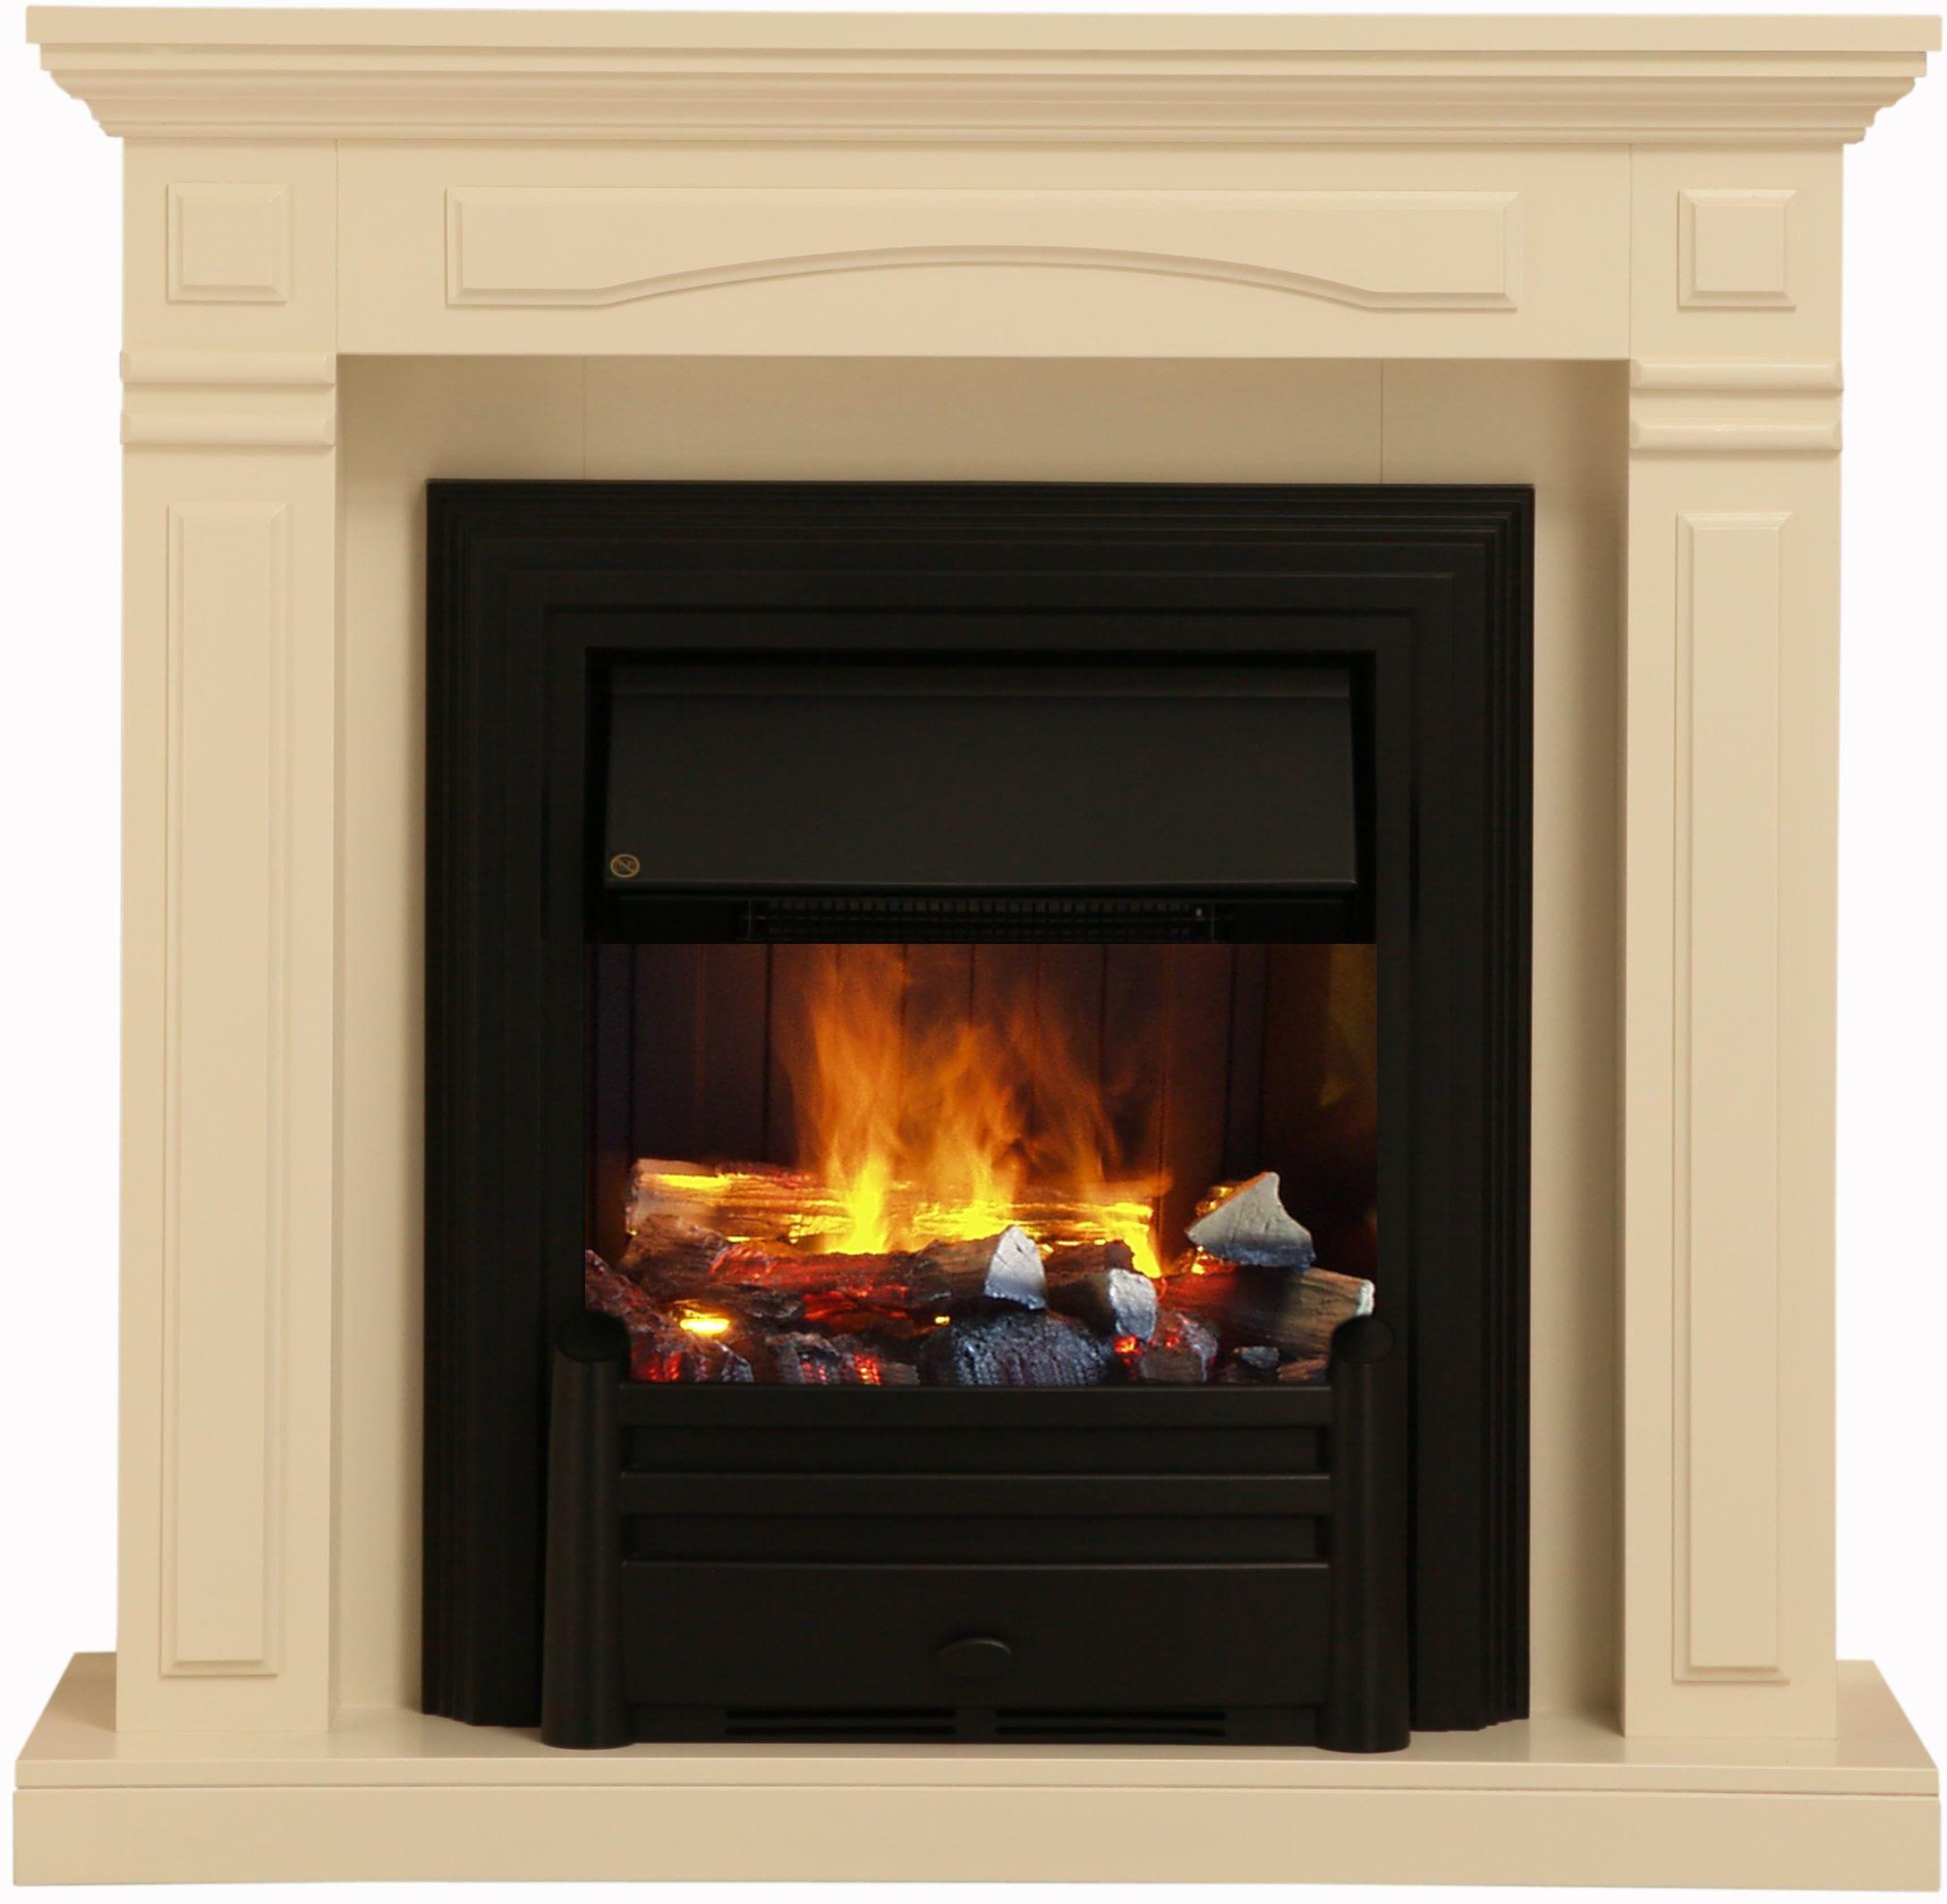 Elektrokamin ´´GLASGOW´´ albero cremeweiß lackiert   Wohnzimmer > Kamine & Öfen   Weiß   Marmor - Holzfaserplatte   Albero